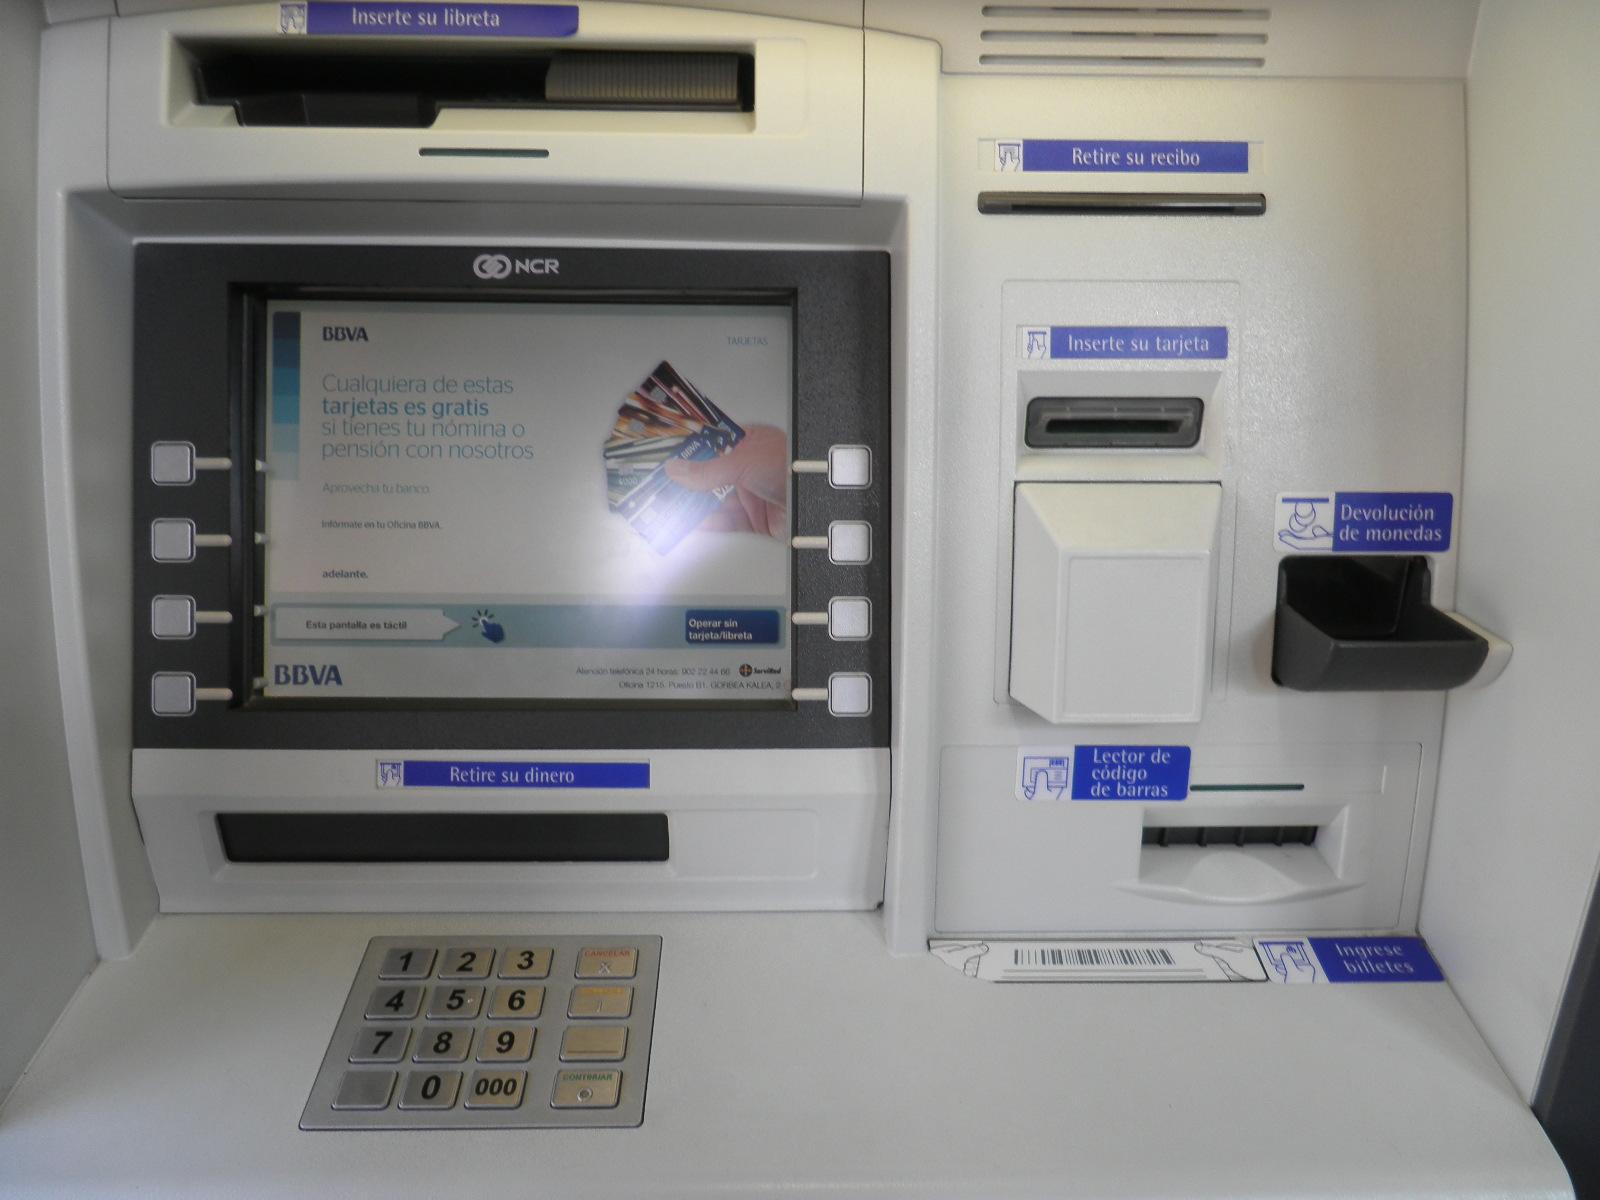 Txorierriko ziga sacando dinero en el cajero del bbva for Cajeros santander para ingresar dinero